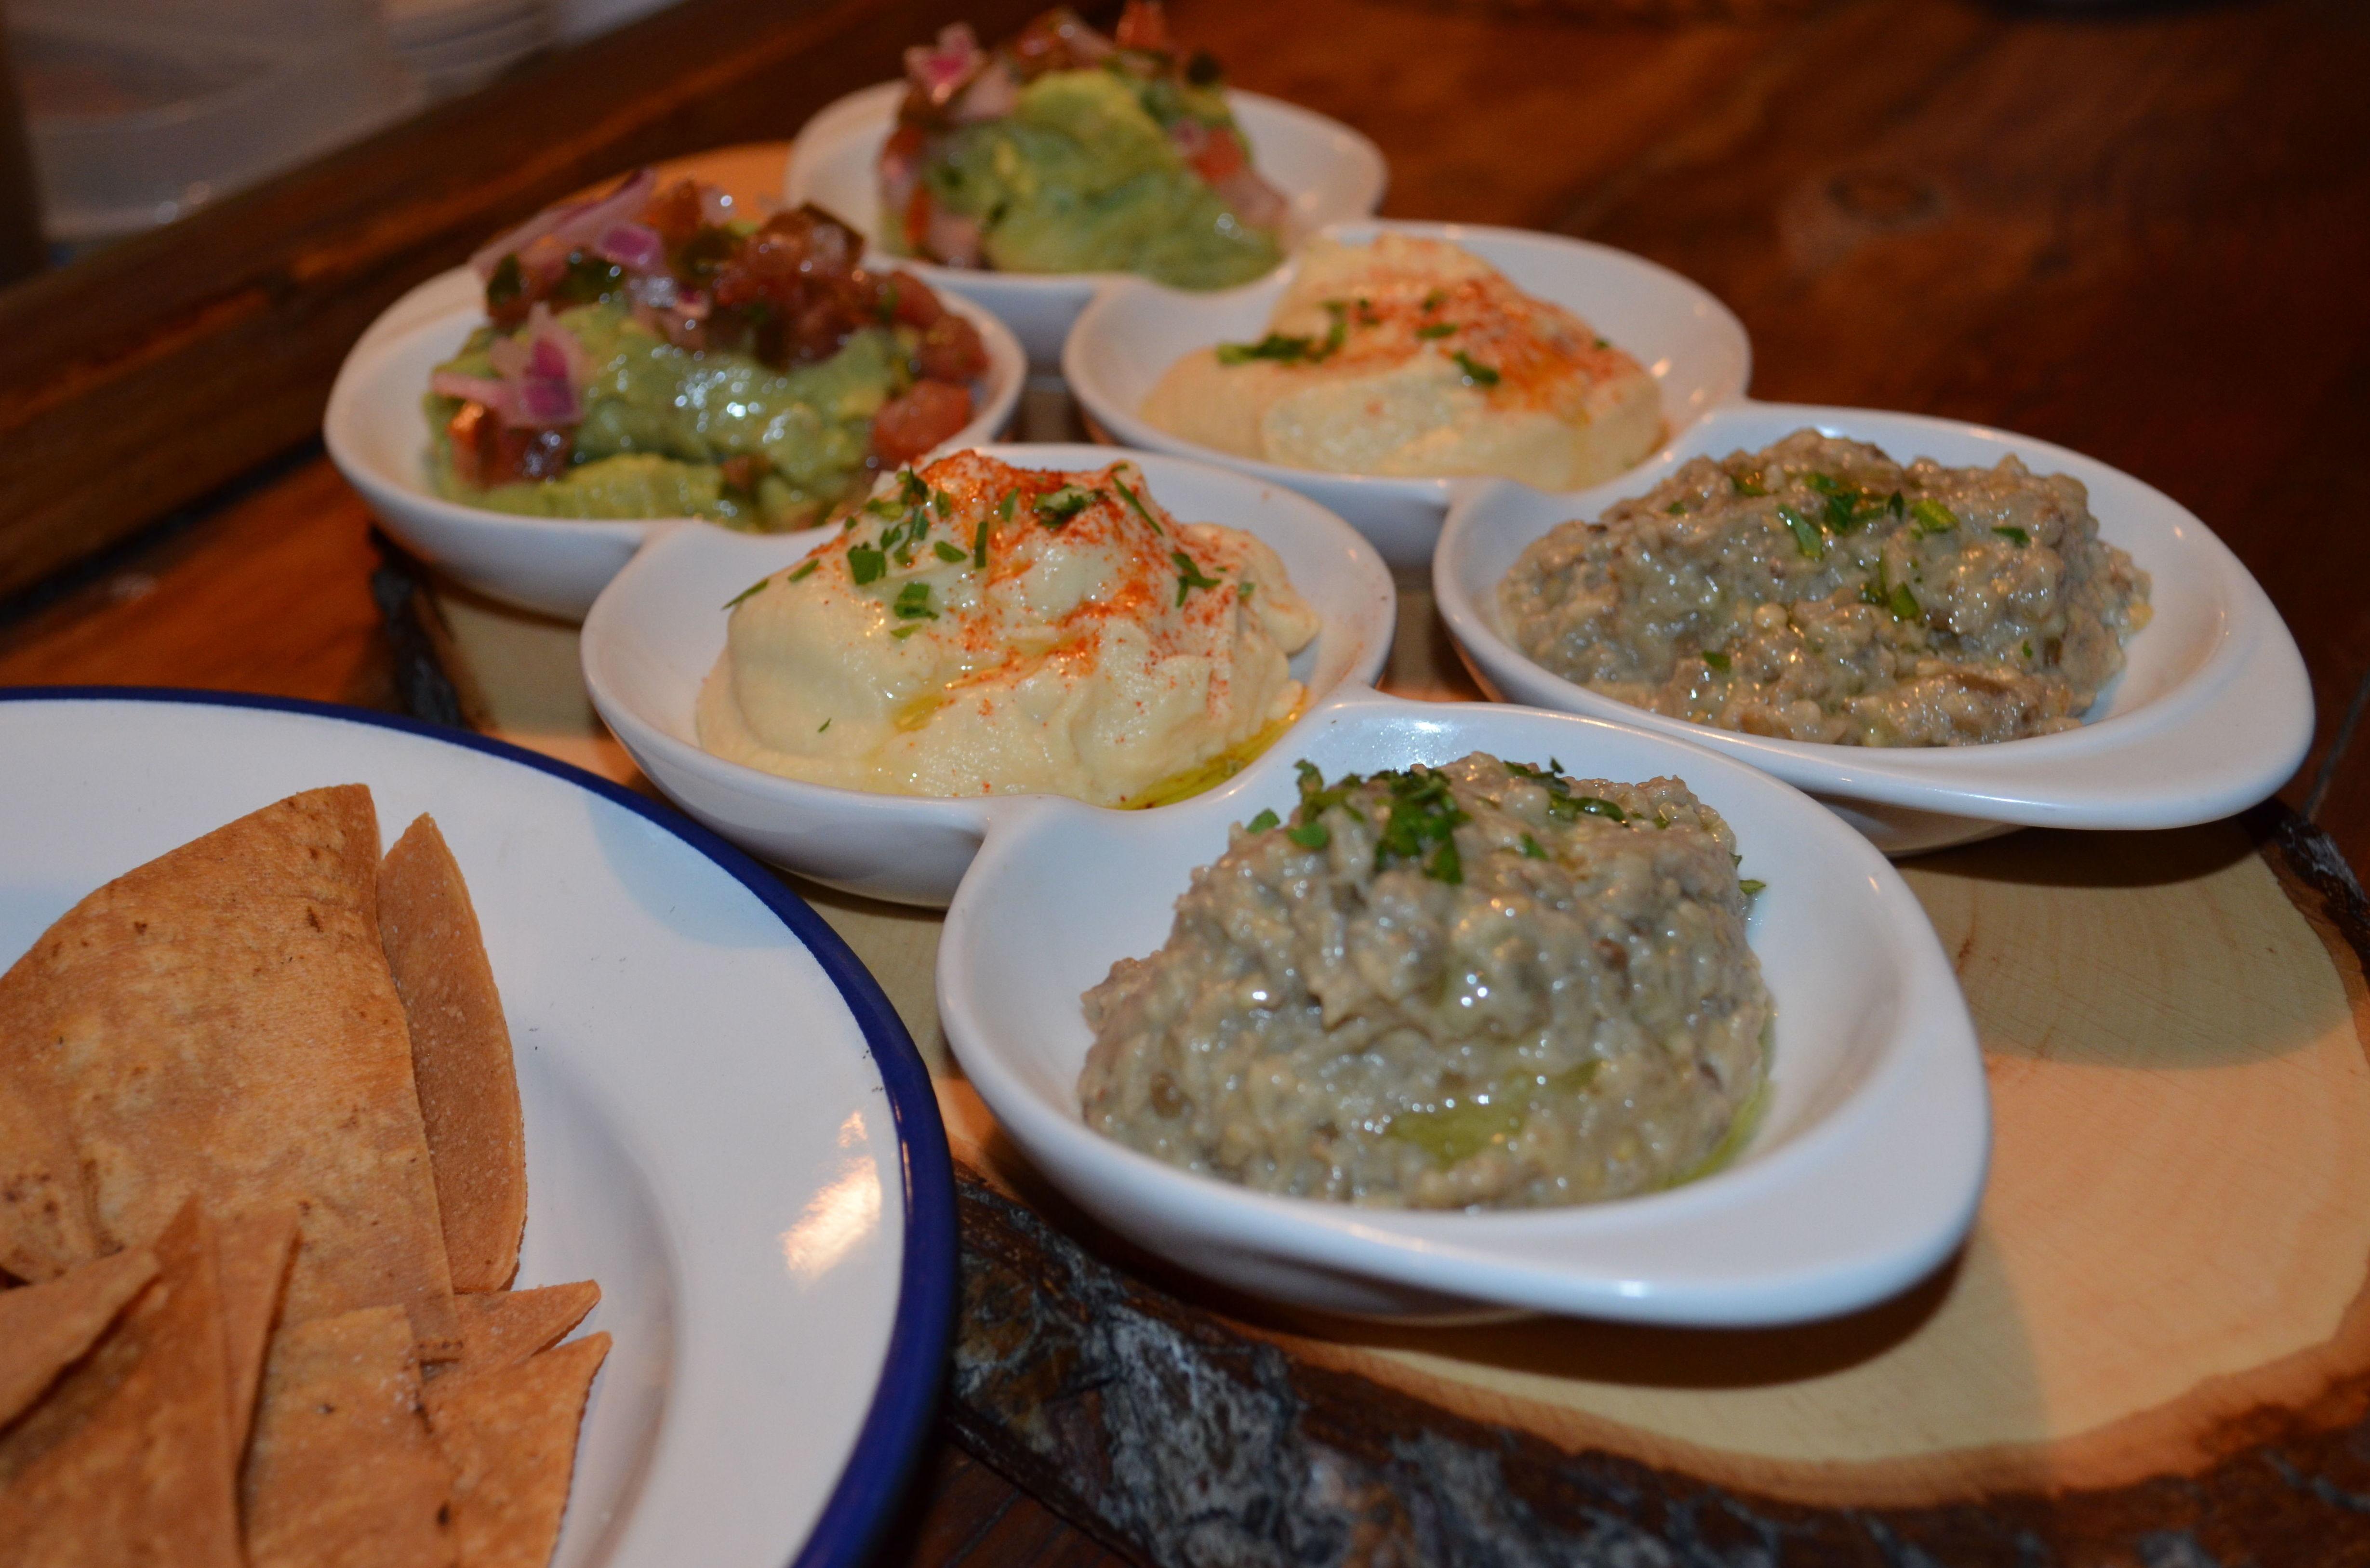 Foto 12 de Cocina mediterránea en Santa Eulària des Riu | Restaurante Parrilla con huerto propio (ESTAMOS CERRADOS HASTA EL 01/04/2019)